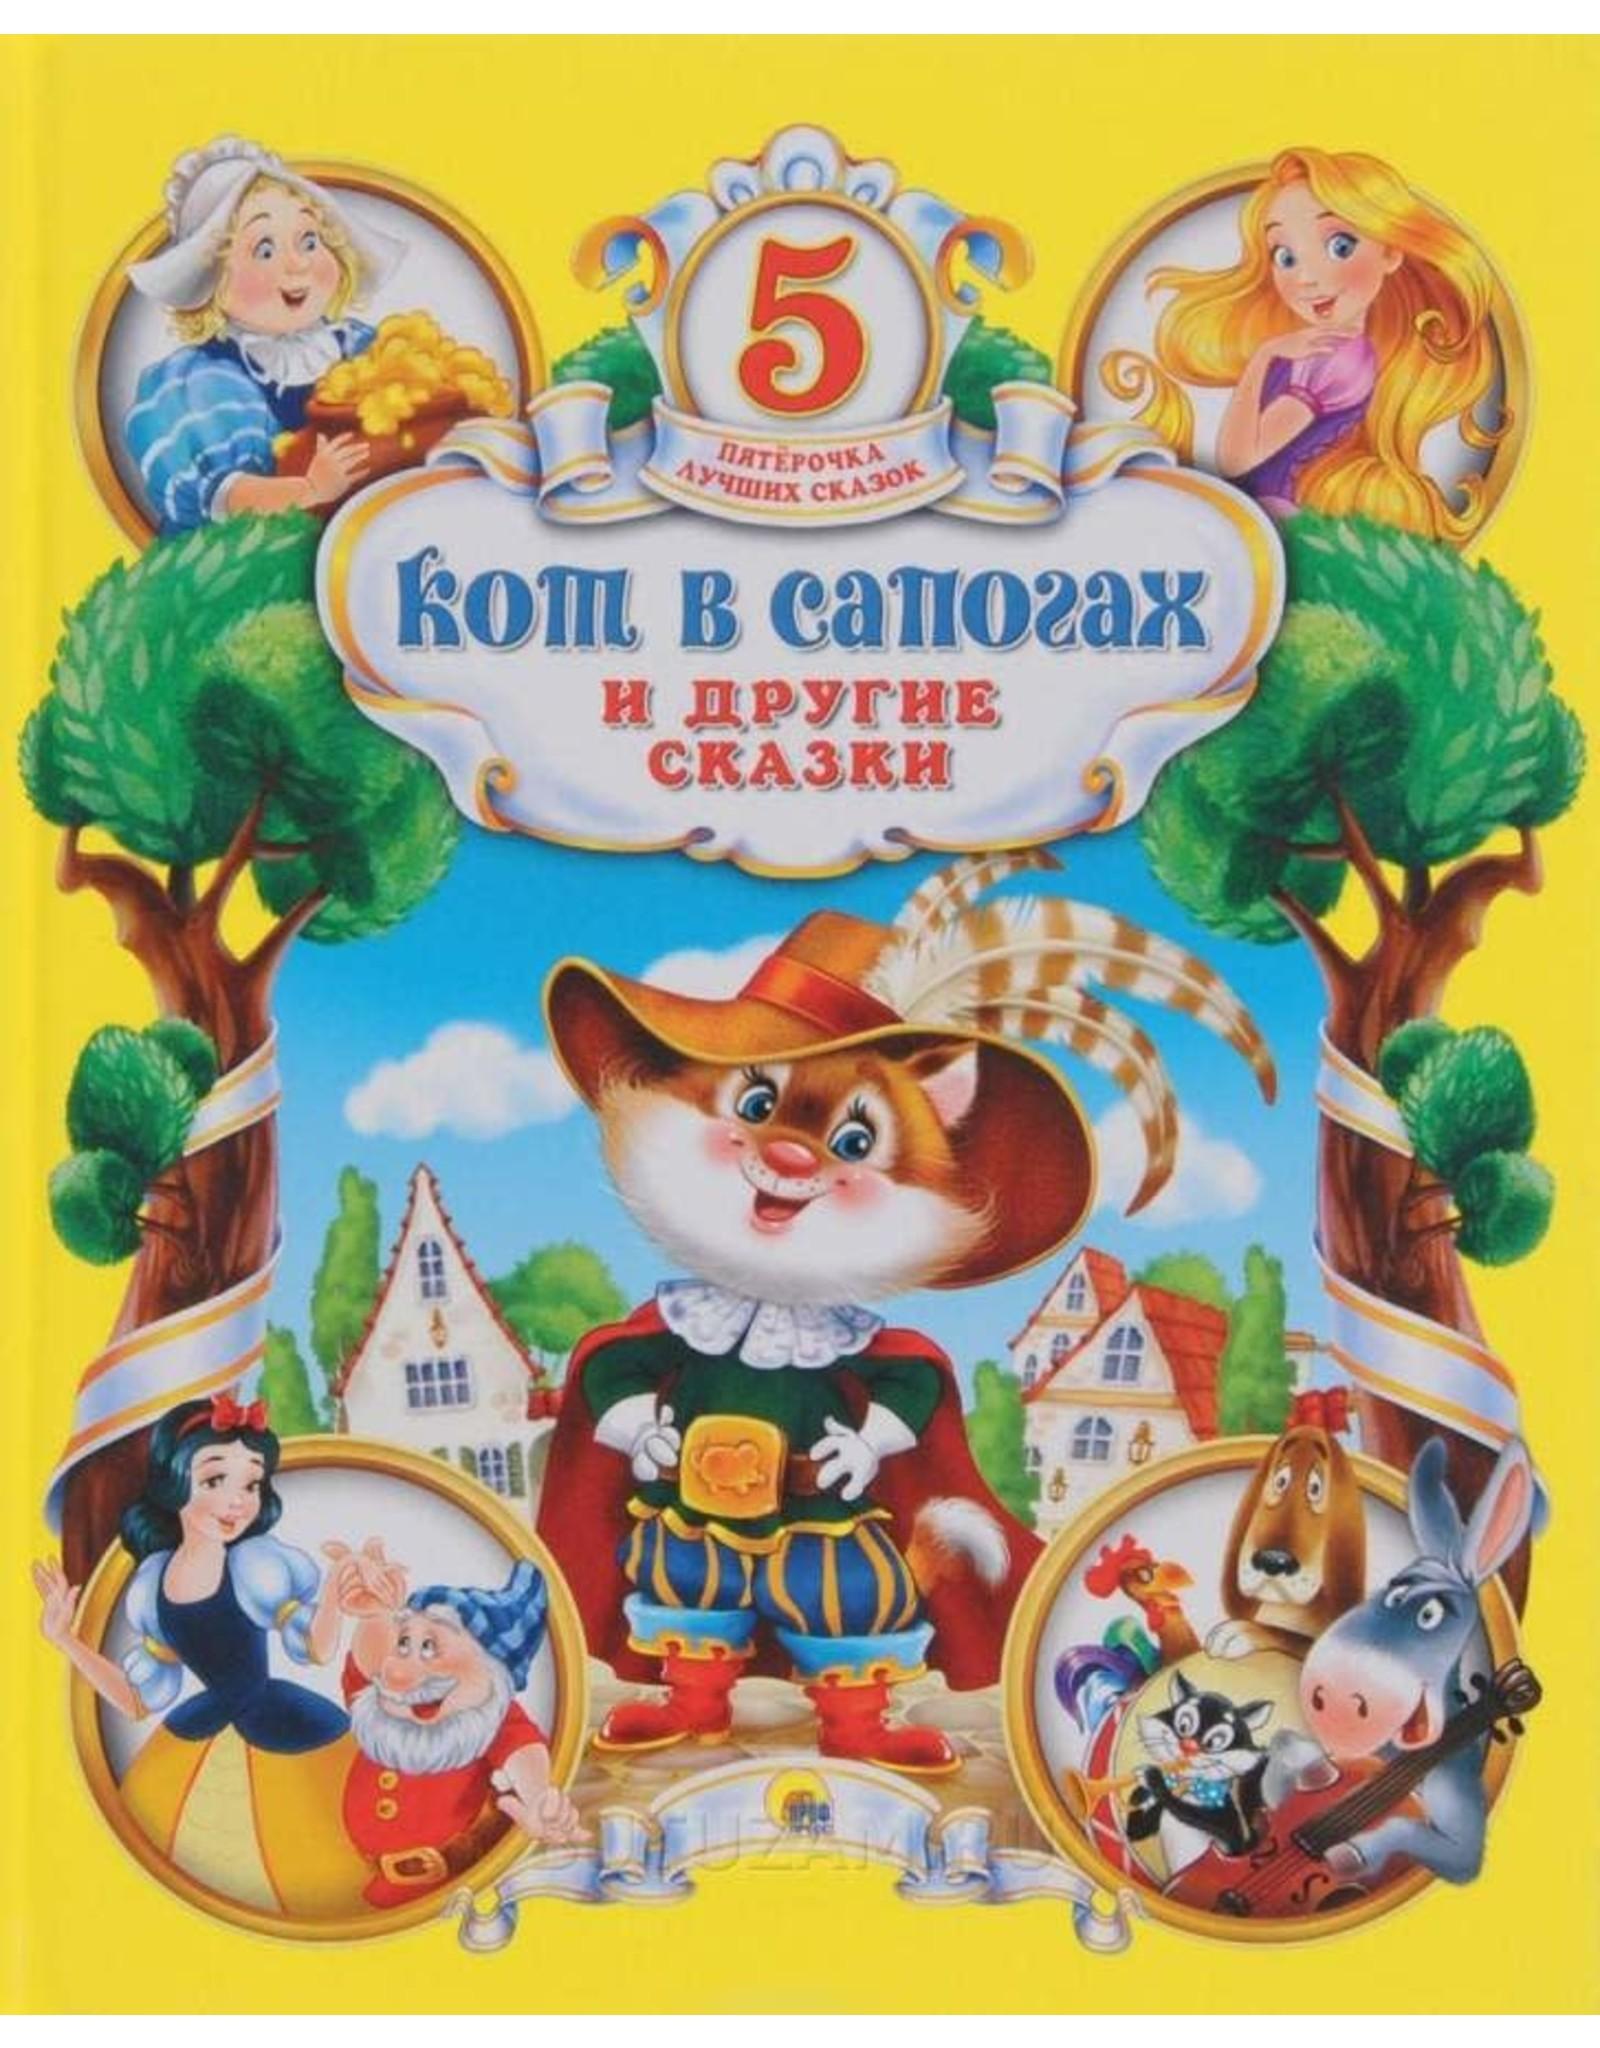 Пятёрочка Лучших Сказок, Кот в Сарогах и другие сказки